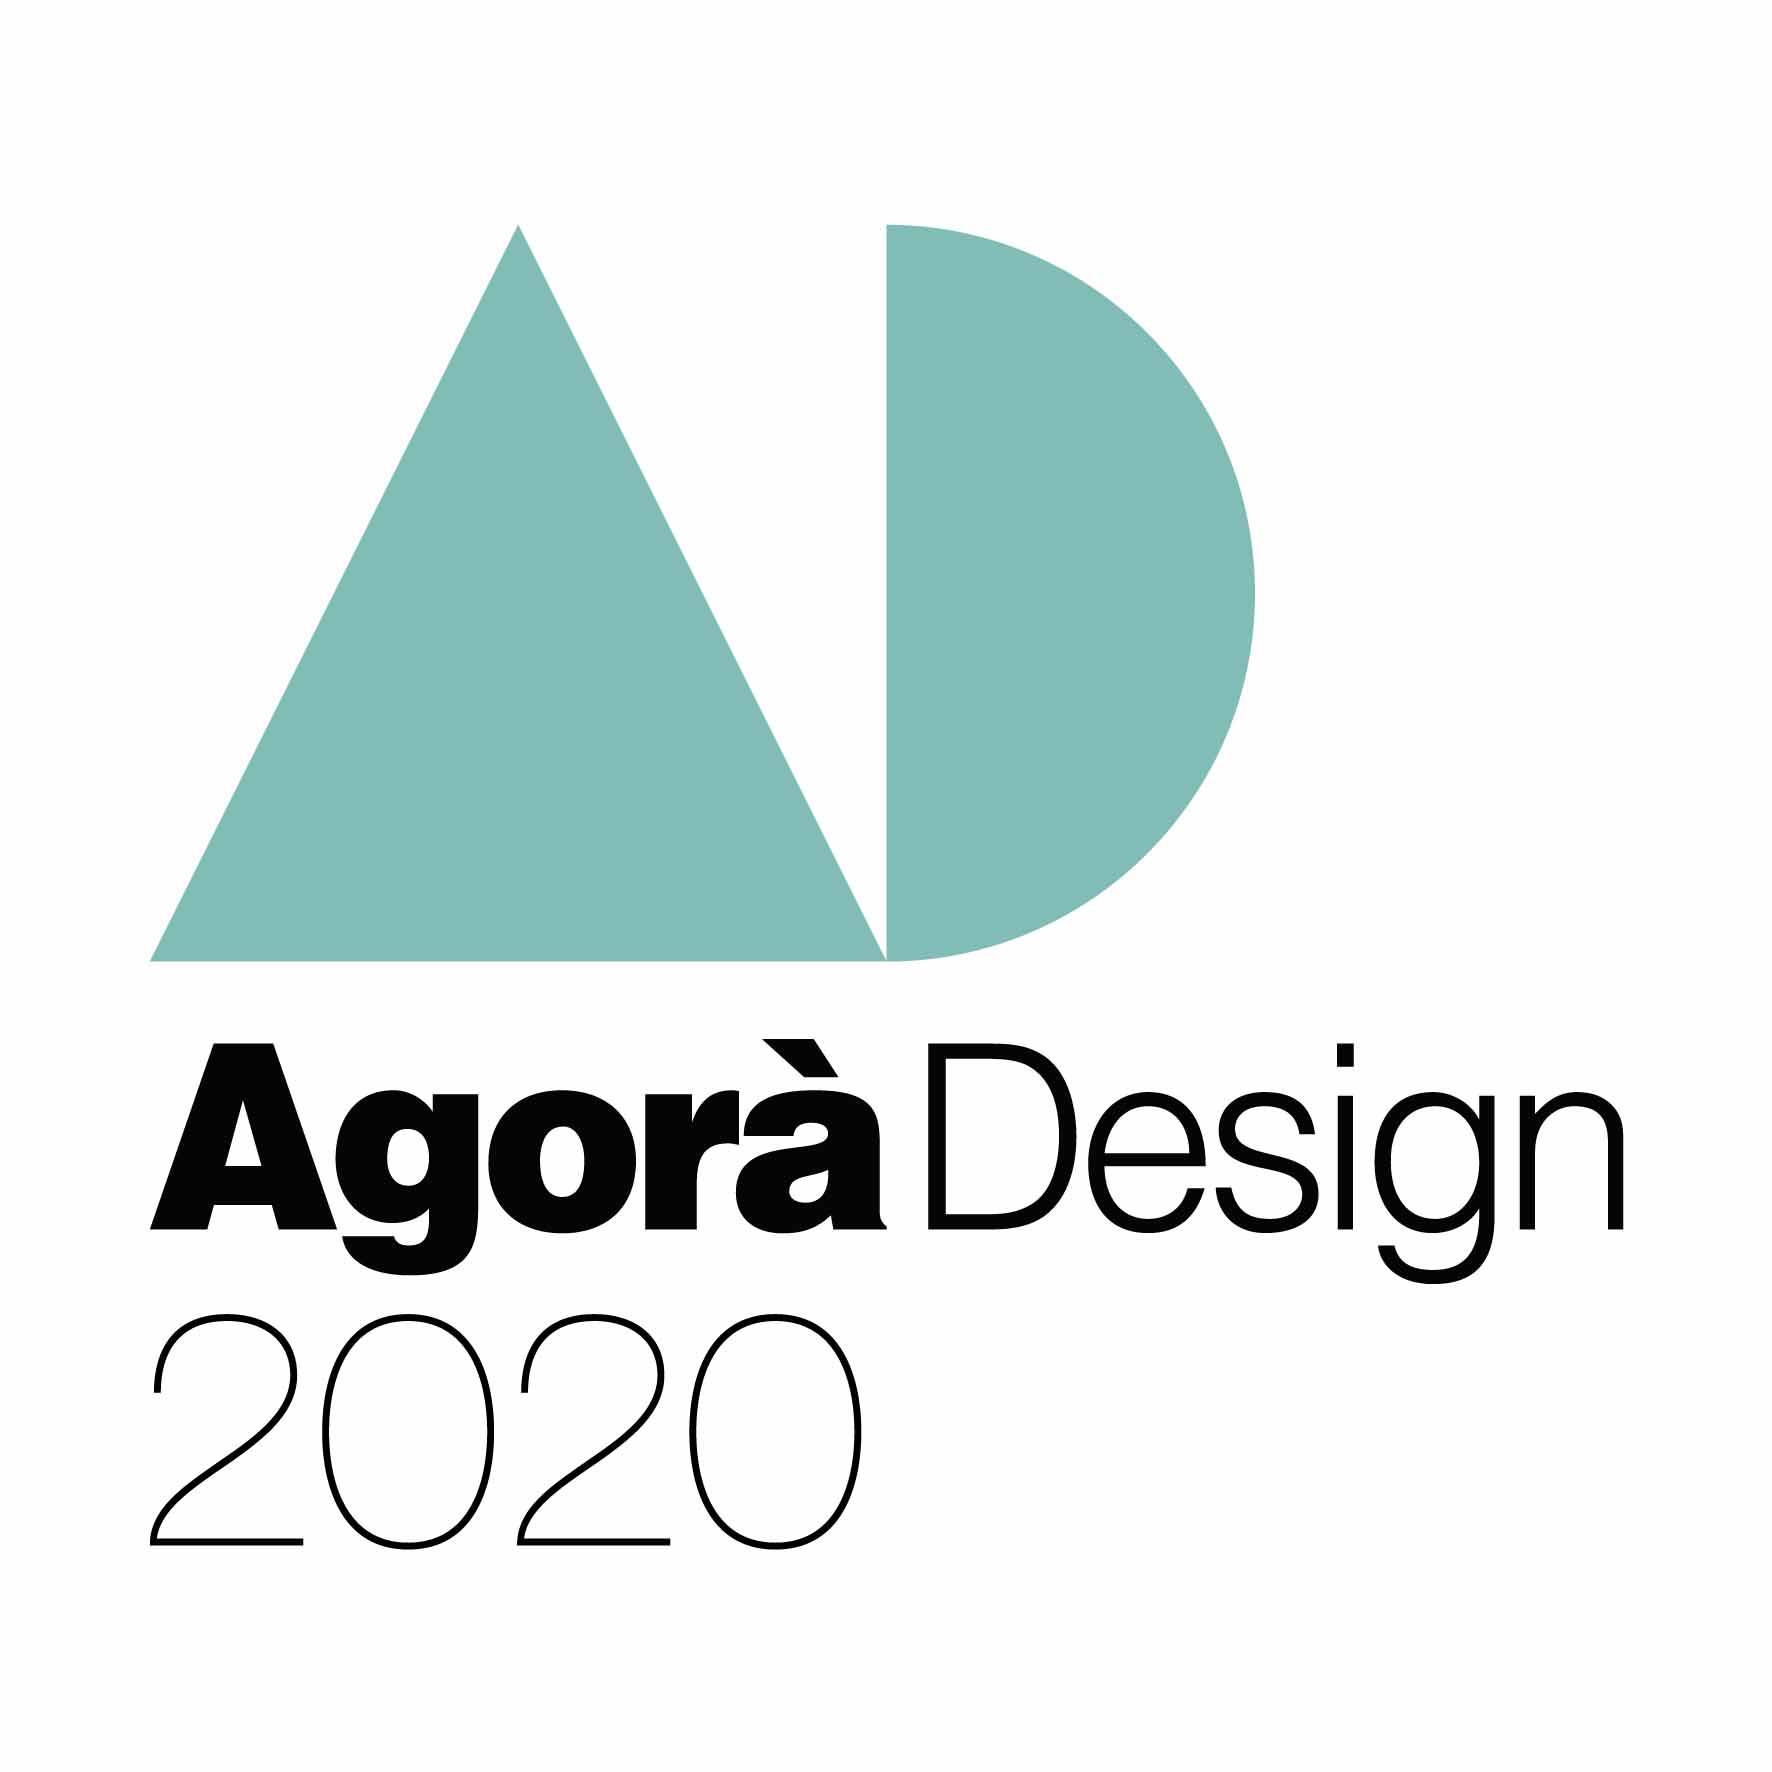 El concurso Agorà Design 2020, el evento dedicado al diseño, la planificación y la arquitectura